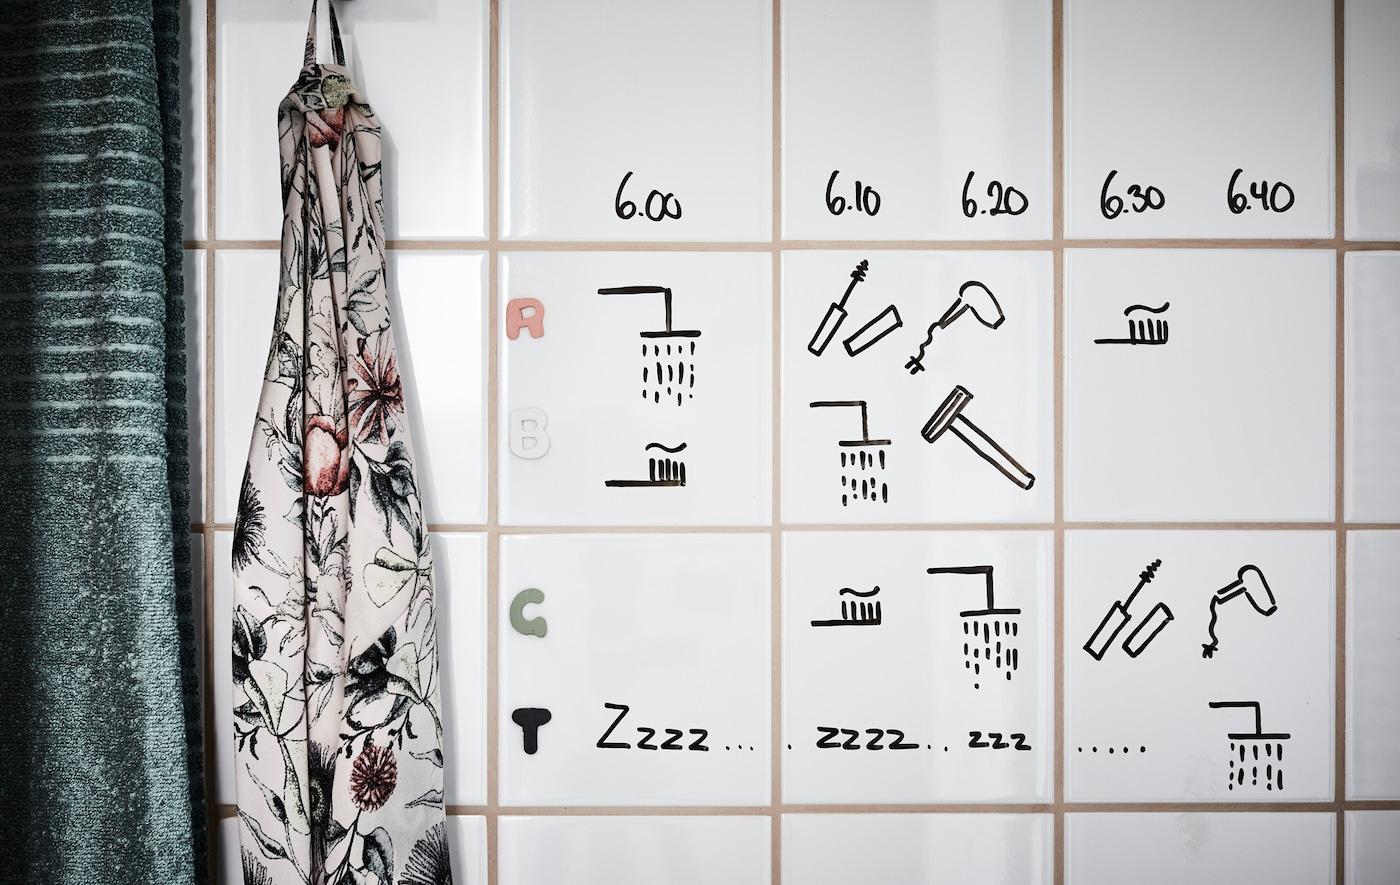 Un calendario escrito a mano hecho con rotulador negro, dibujado en azulejos de baño blancos.